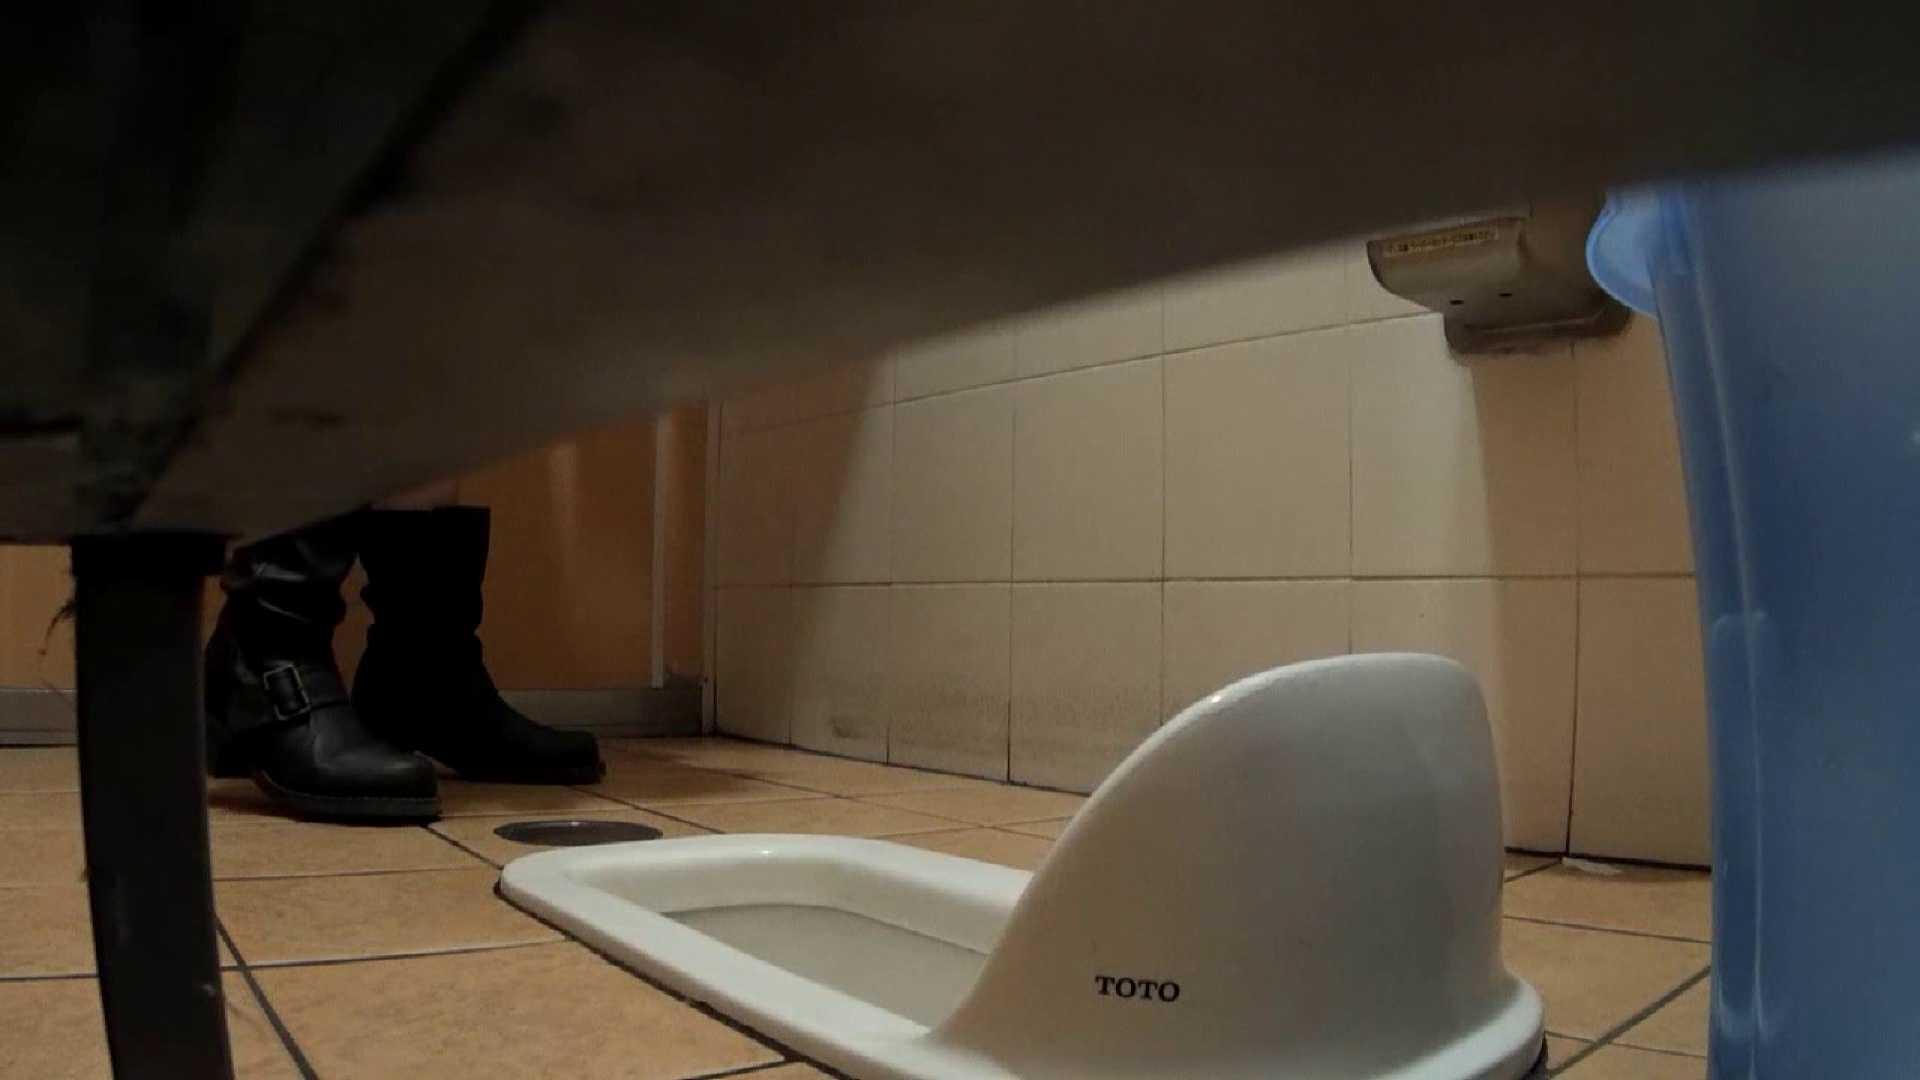 痴態洗面所 Vol.02 マスクが邪魔なんですよ。マスクが・・・。 洗面所 アダルト動画キャプチャ 83pic 75